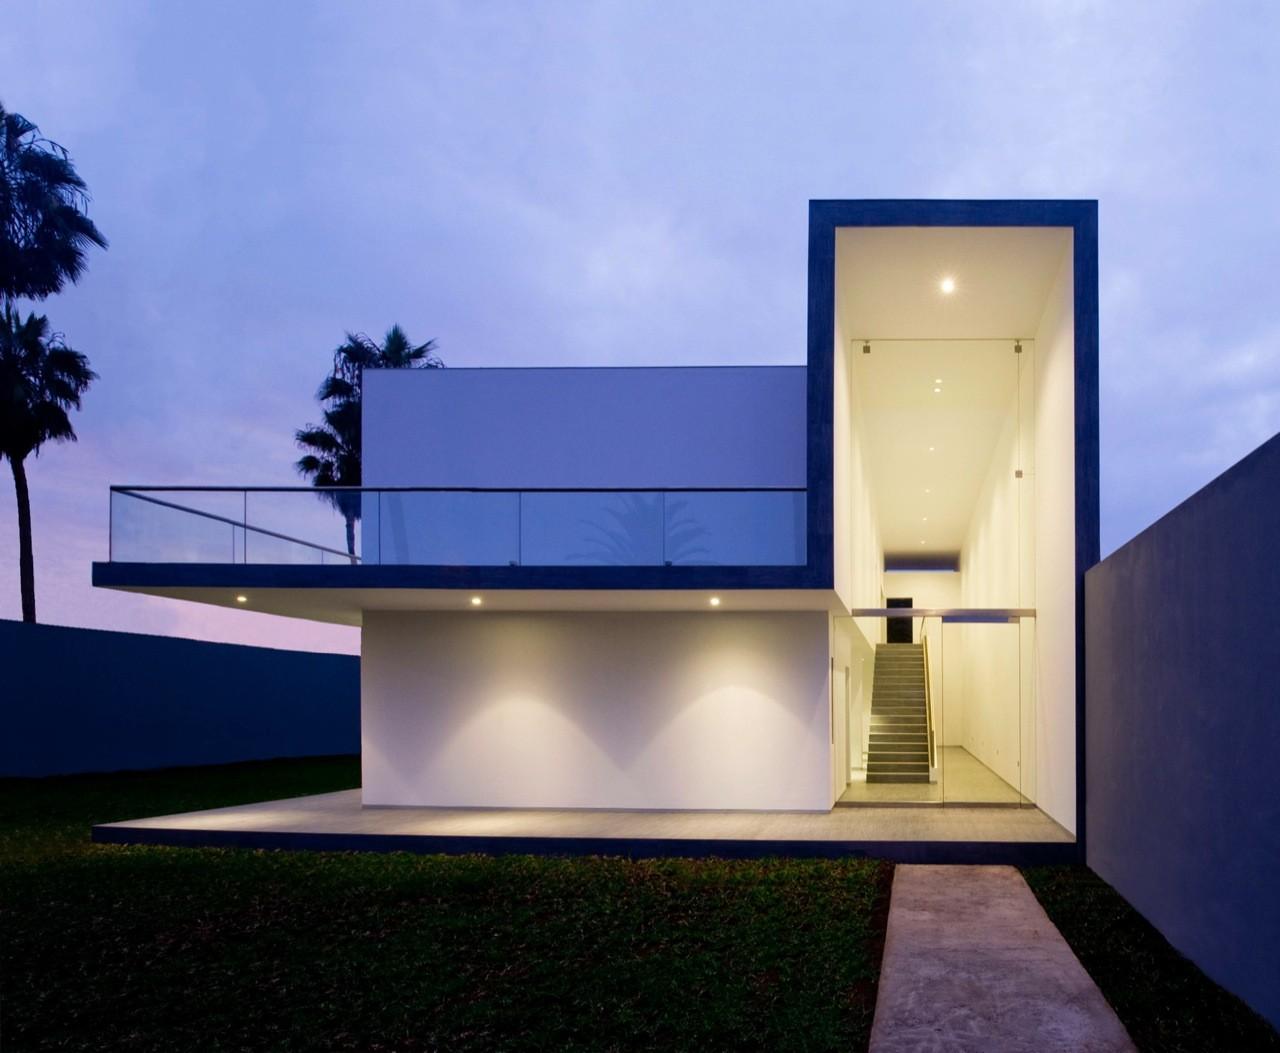 Galer a de casa en la encantada artadi arquitectos 7 for Minimalistic house escape 3